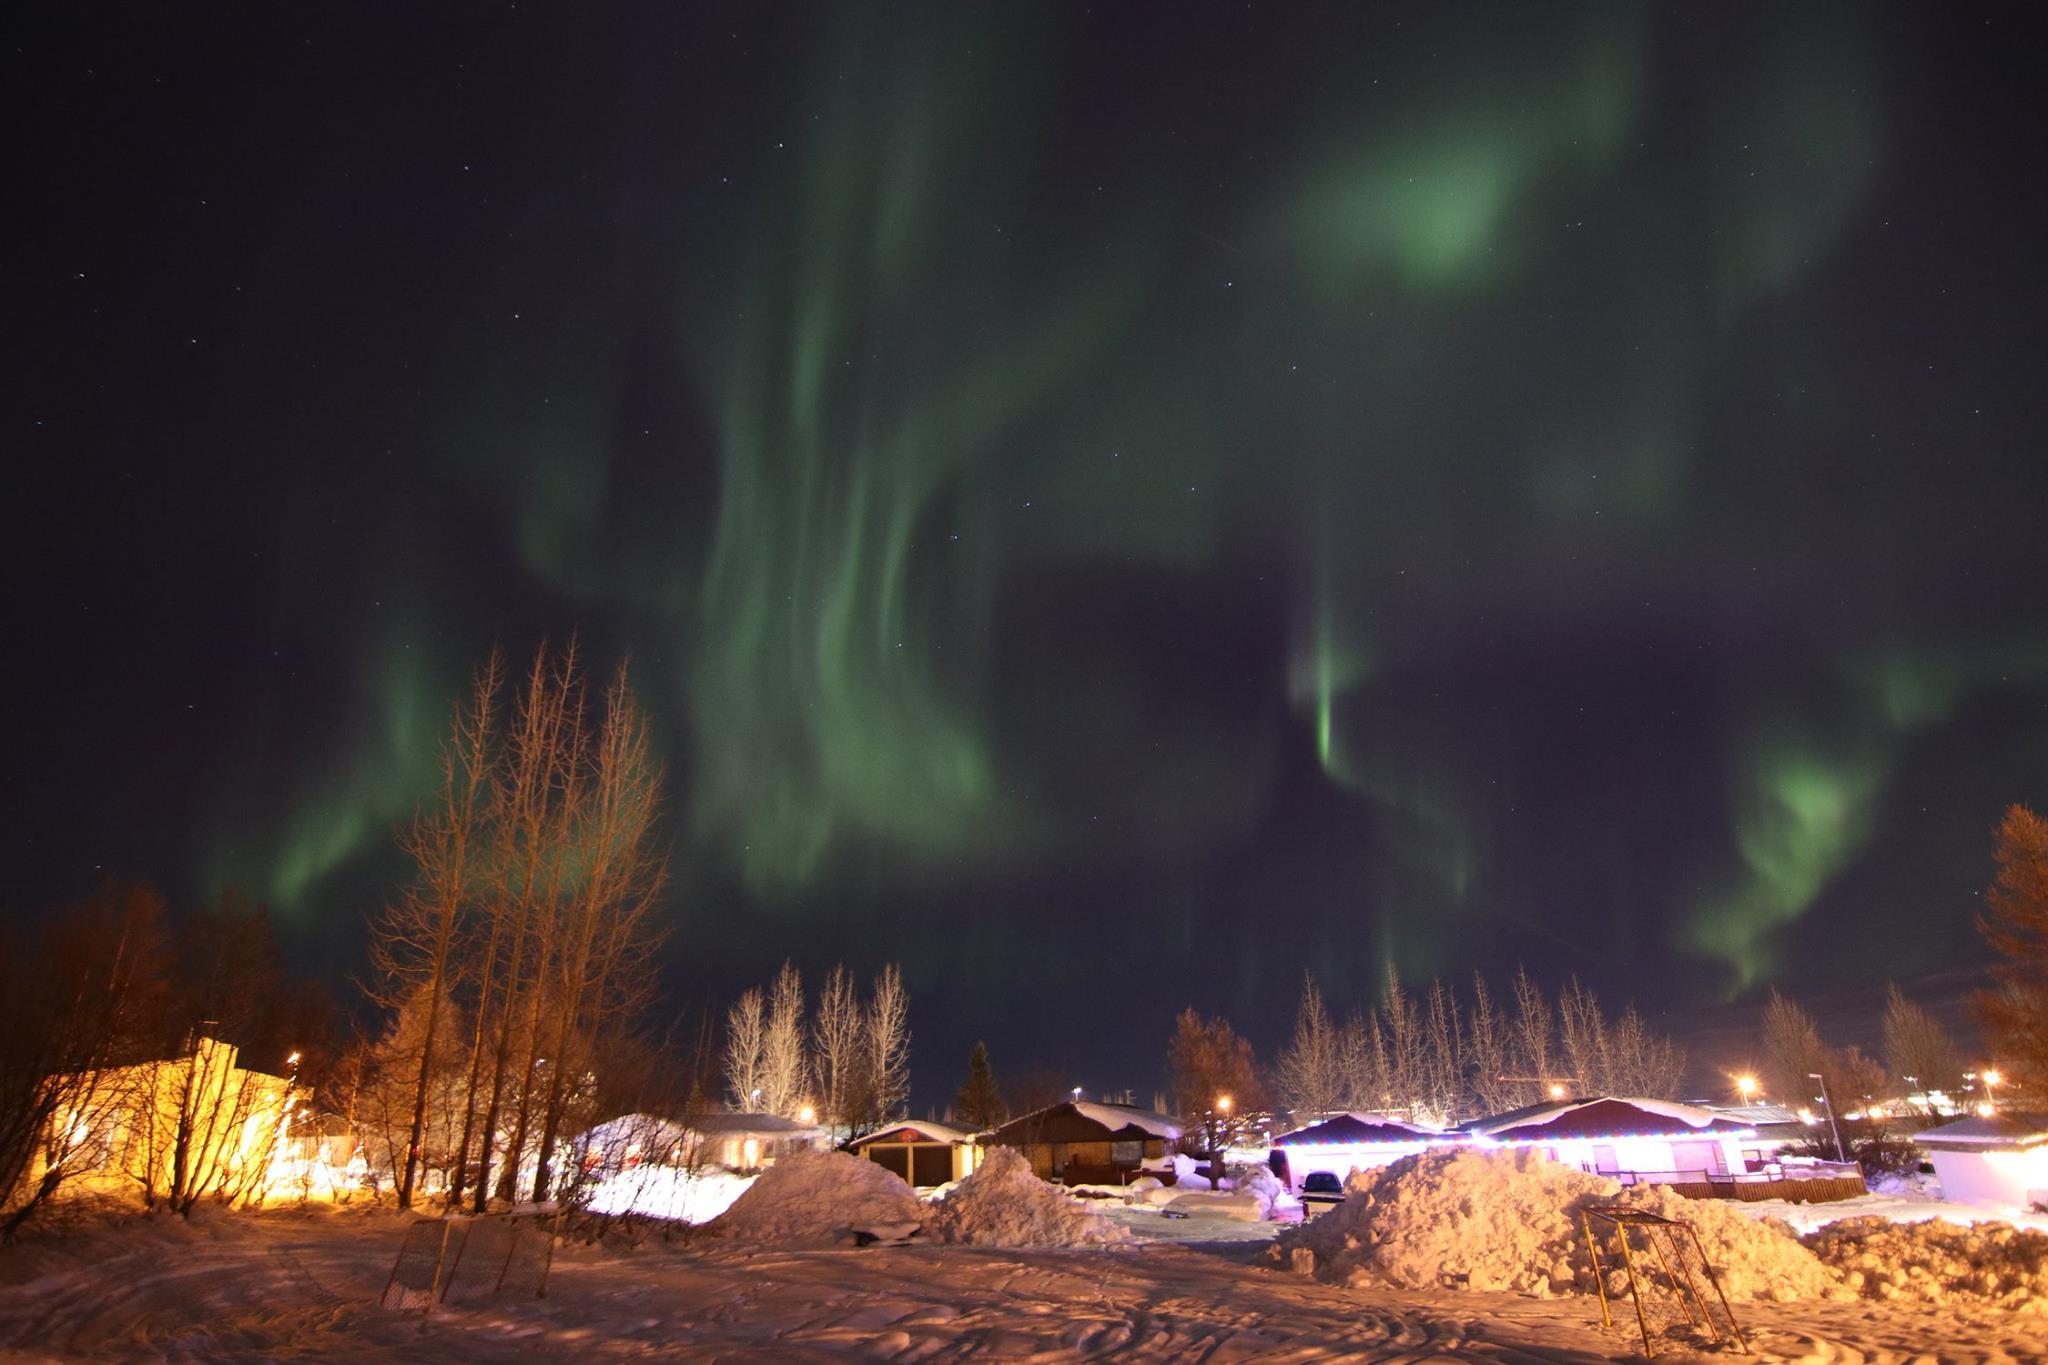 Ótrúleg norðurljós á Akureyri – Myndir